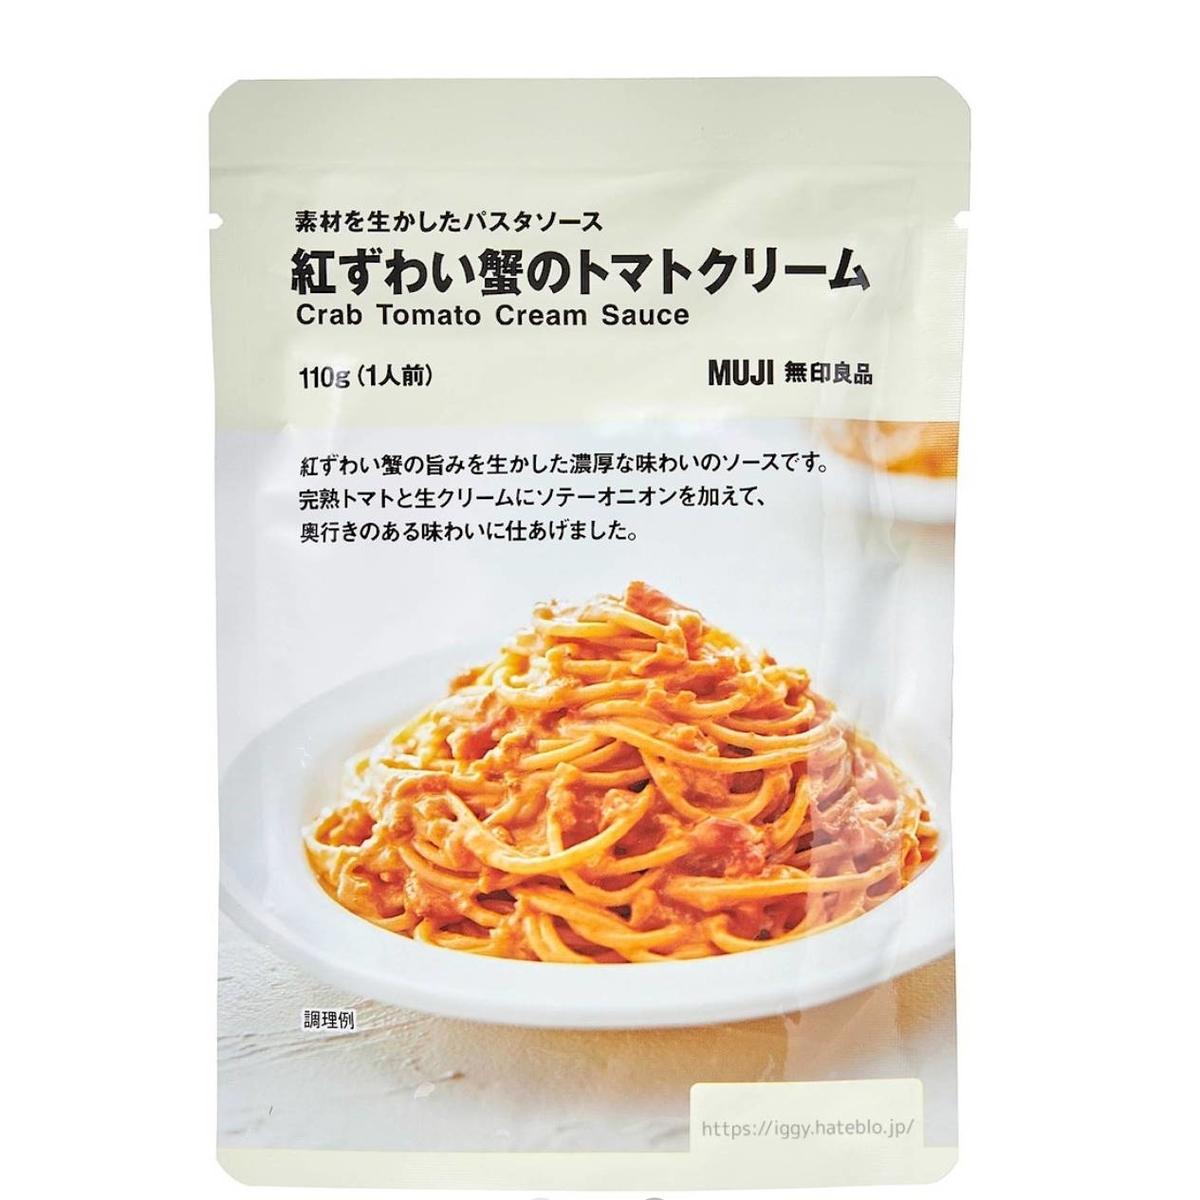 無印良品『紅ずわい蟹のトマトクリーム』原材料、カロリー・栄養成分 口コミ レビュー